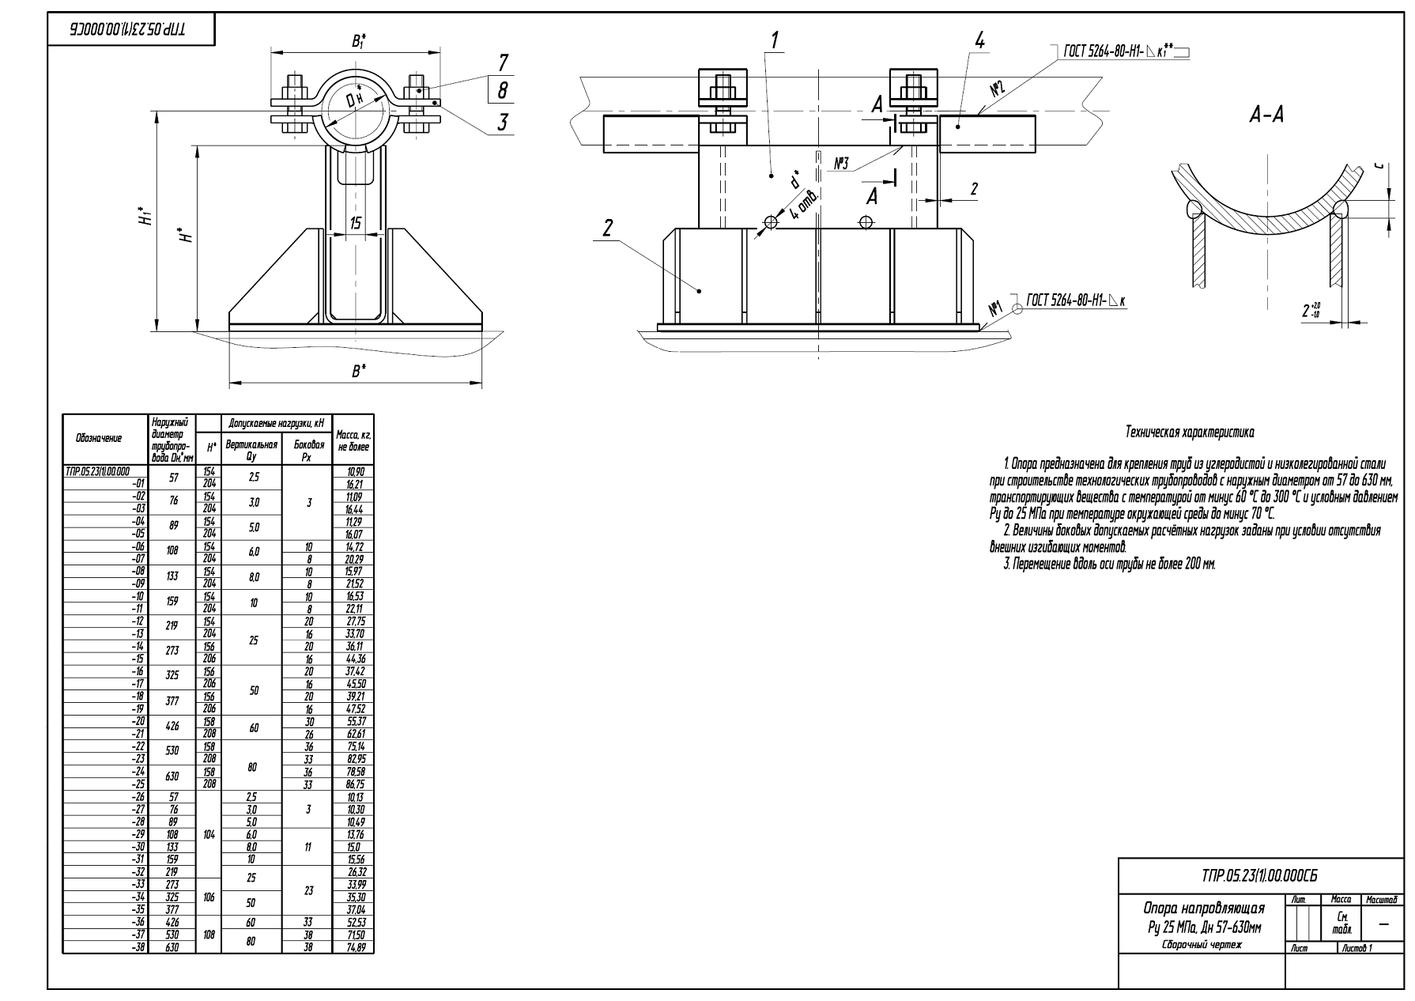 ТПР.05.23(1).00.000 Опоры направляющие трубопроводов Дн 57-630 мм